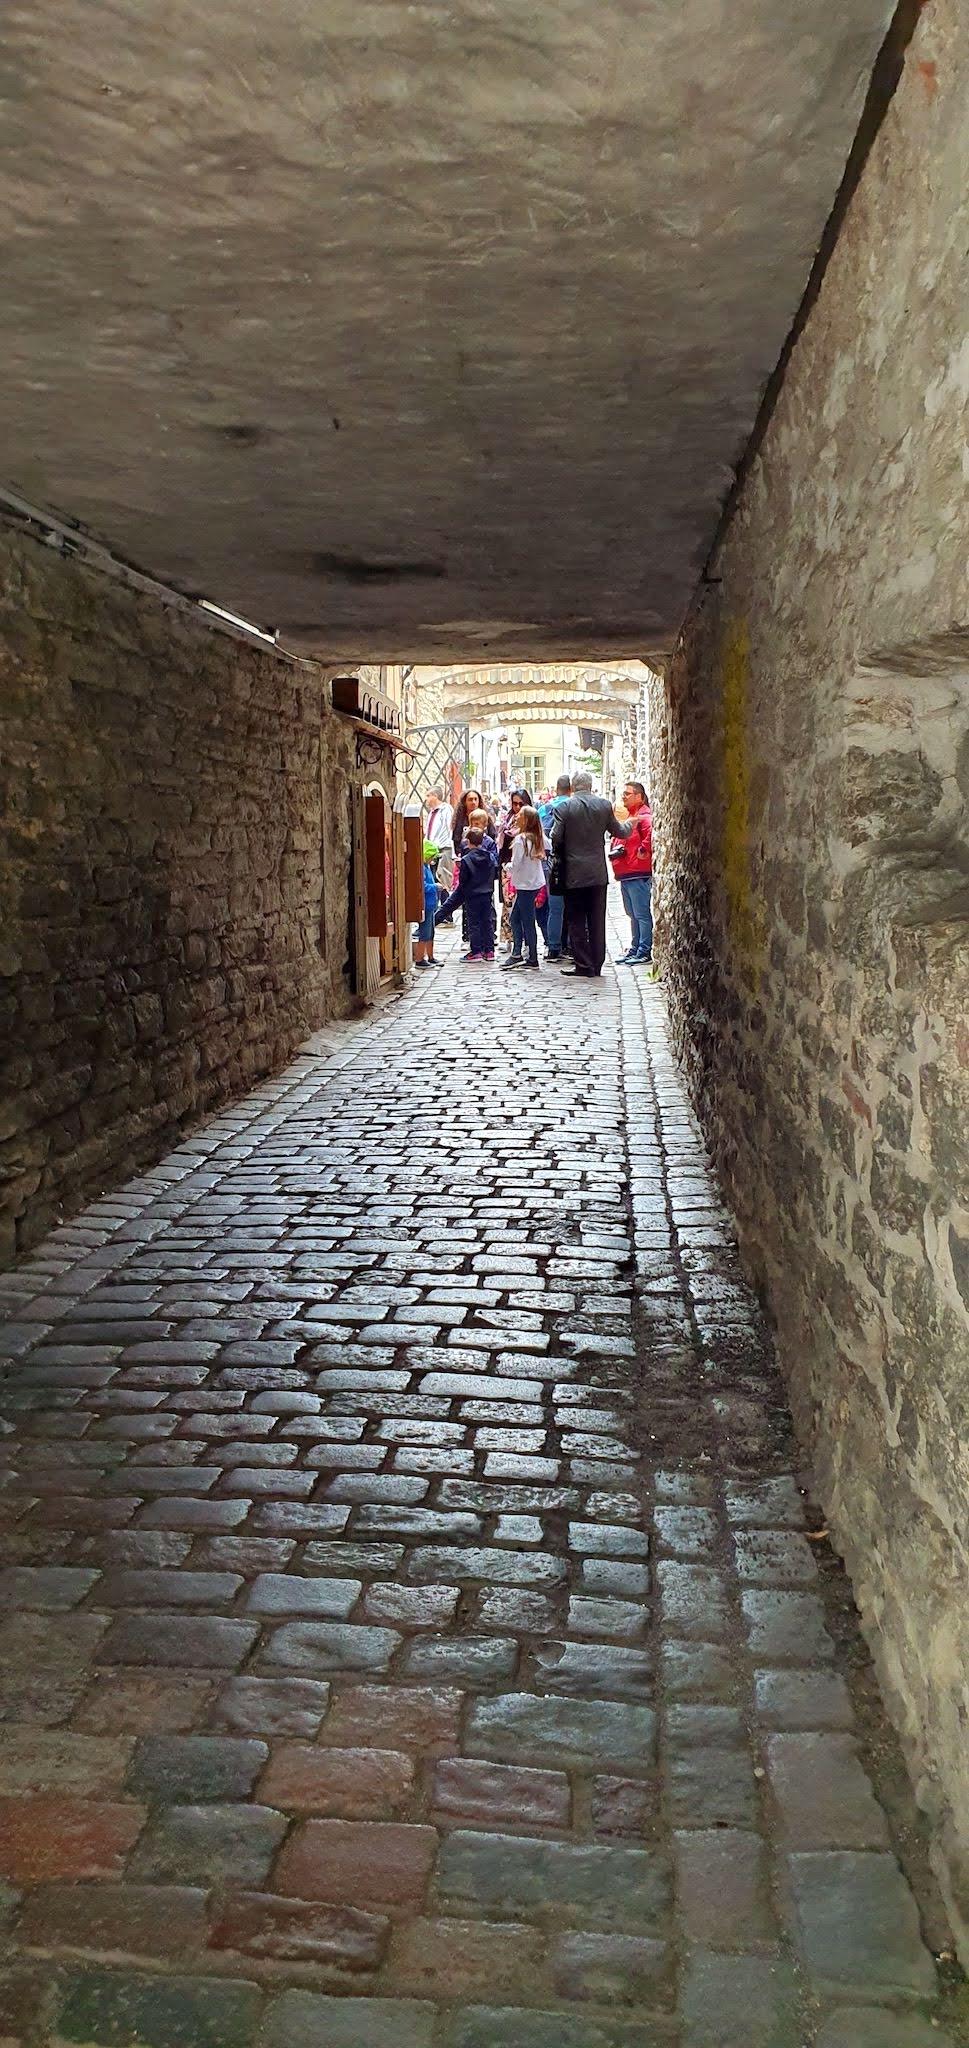 Uno de los tantos hermosos pasajes medievales de Tallinn